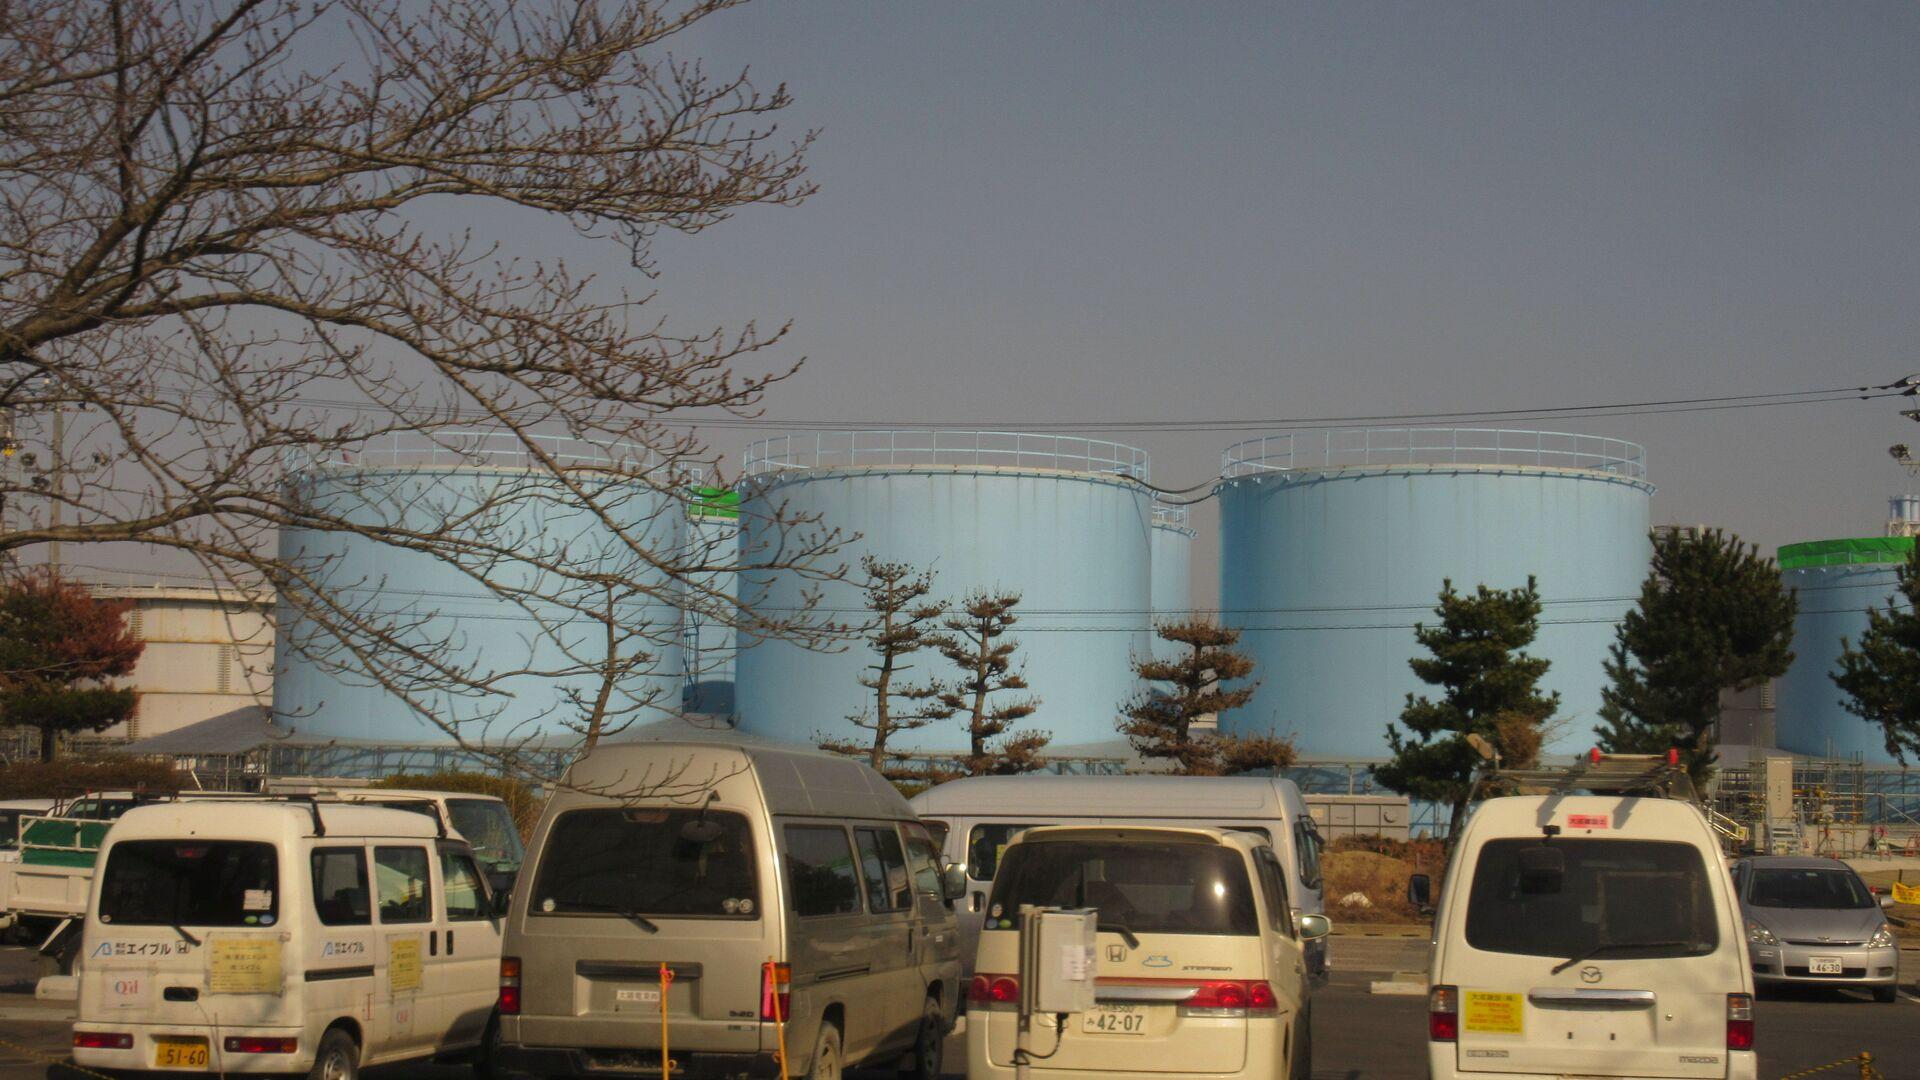 Цистерны с радиоактивной водой на АЭС Фукусима - РИА Новости, 1920, 16.10.2020